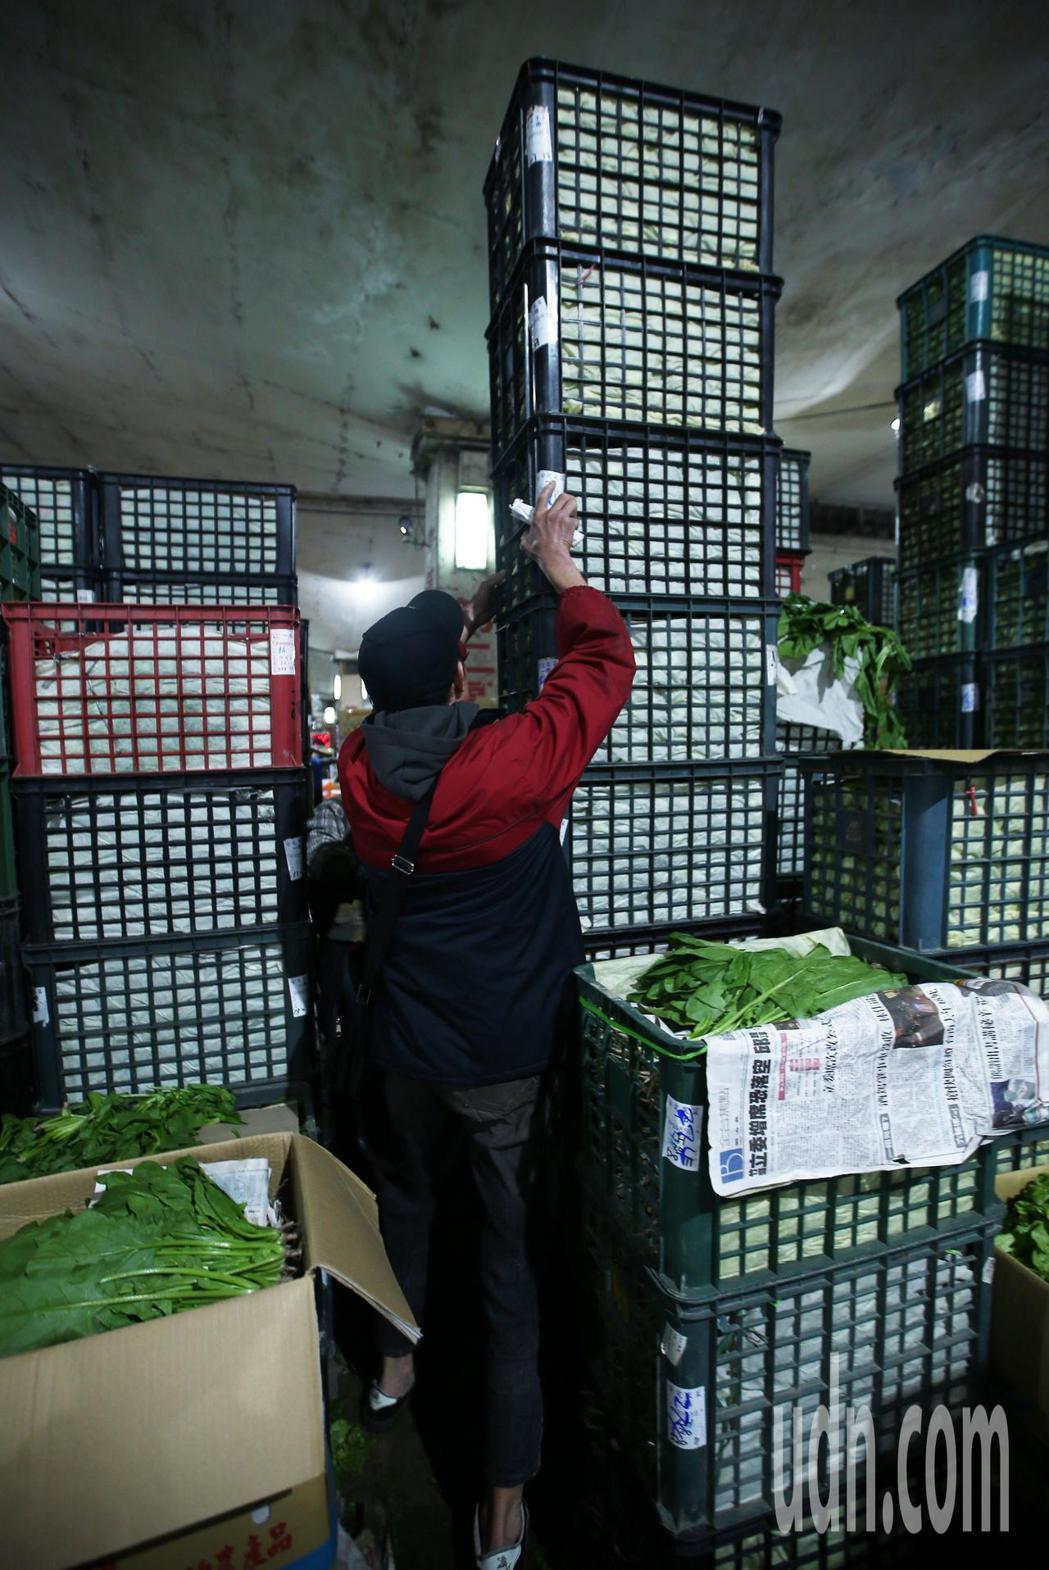 經過三天休市後,台北果菜批發市場今天凌晨恢復正常交易,從各地送來的葉菜堆積如山。...